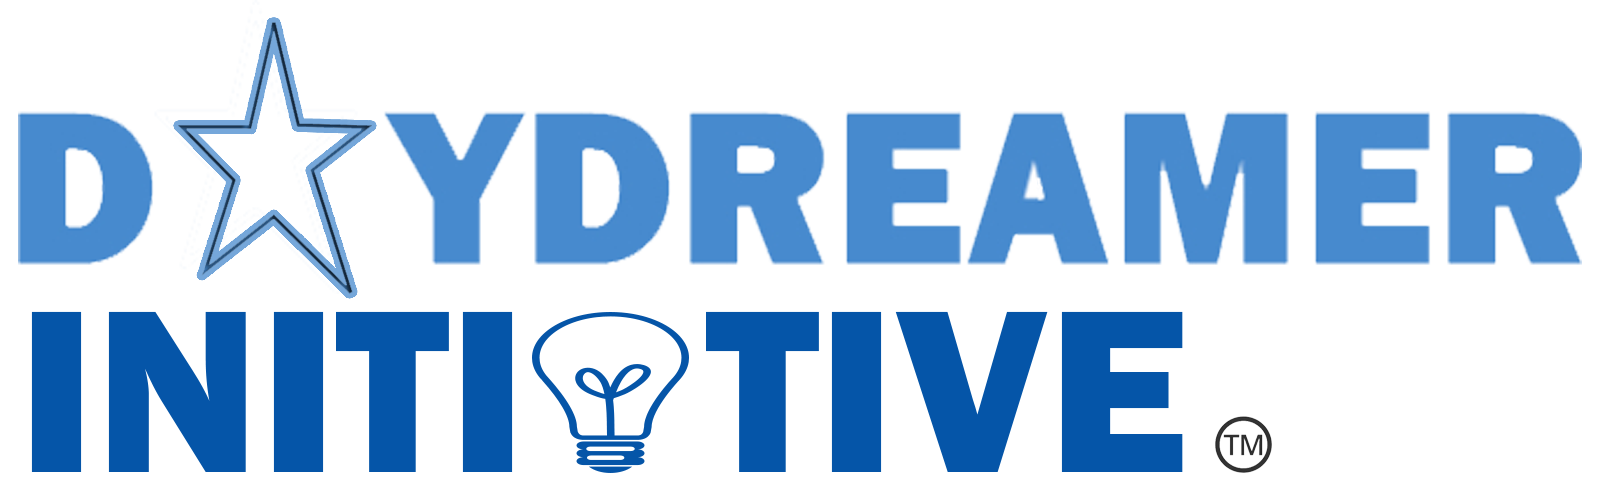 Daydreamer Initiative